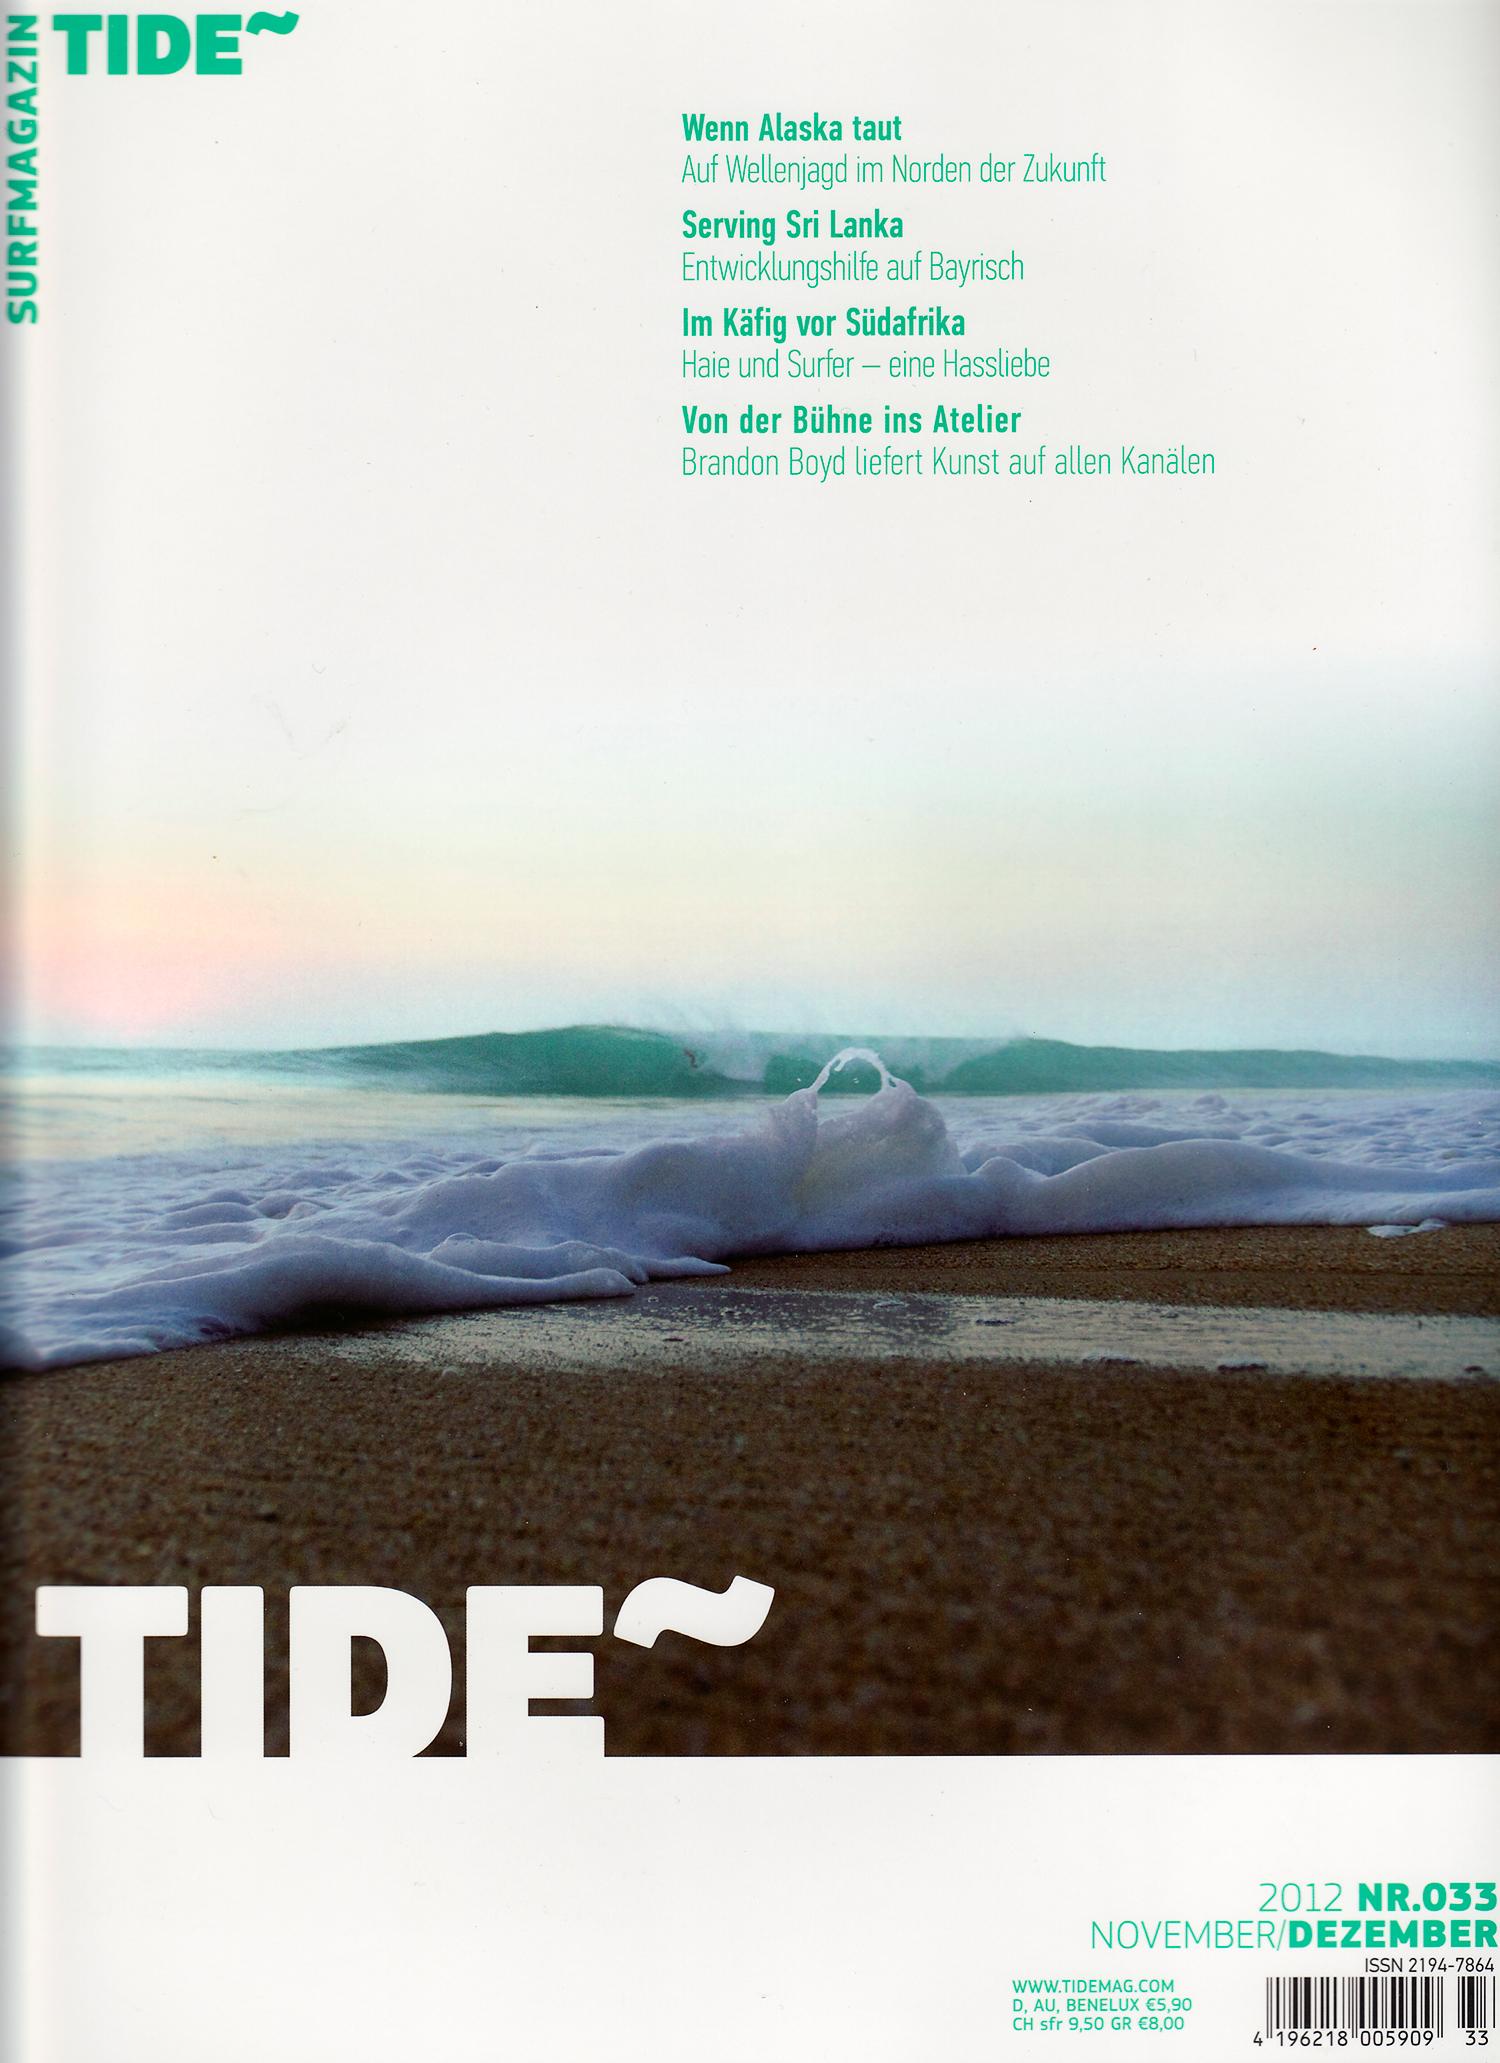 2012-11_TIDE-Cover_A4-300dpi.jpg